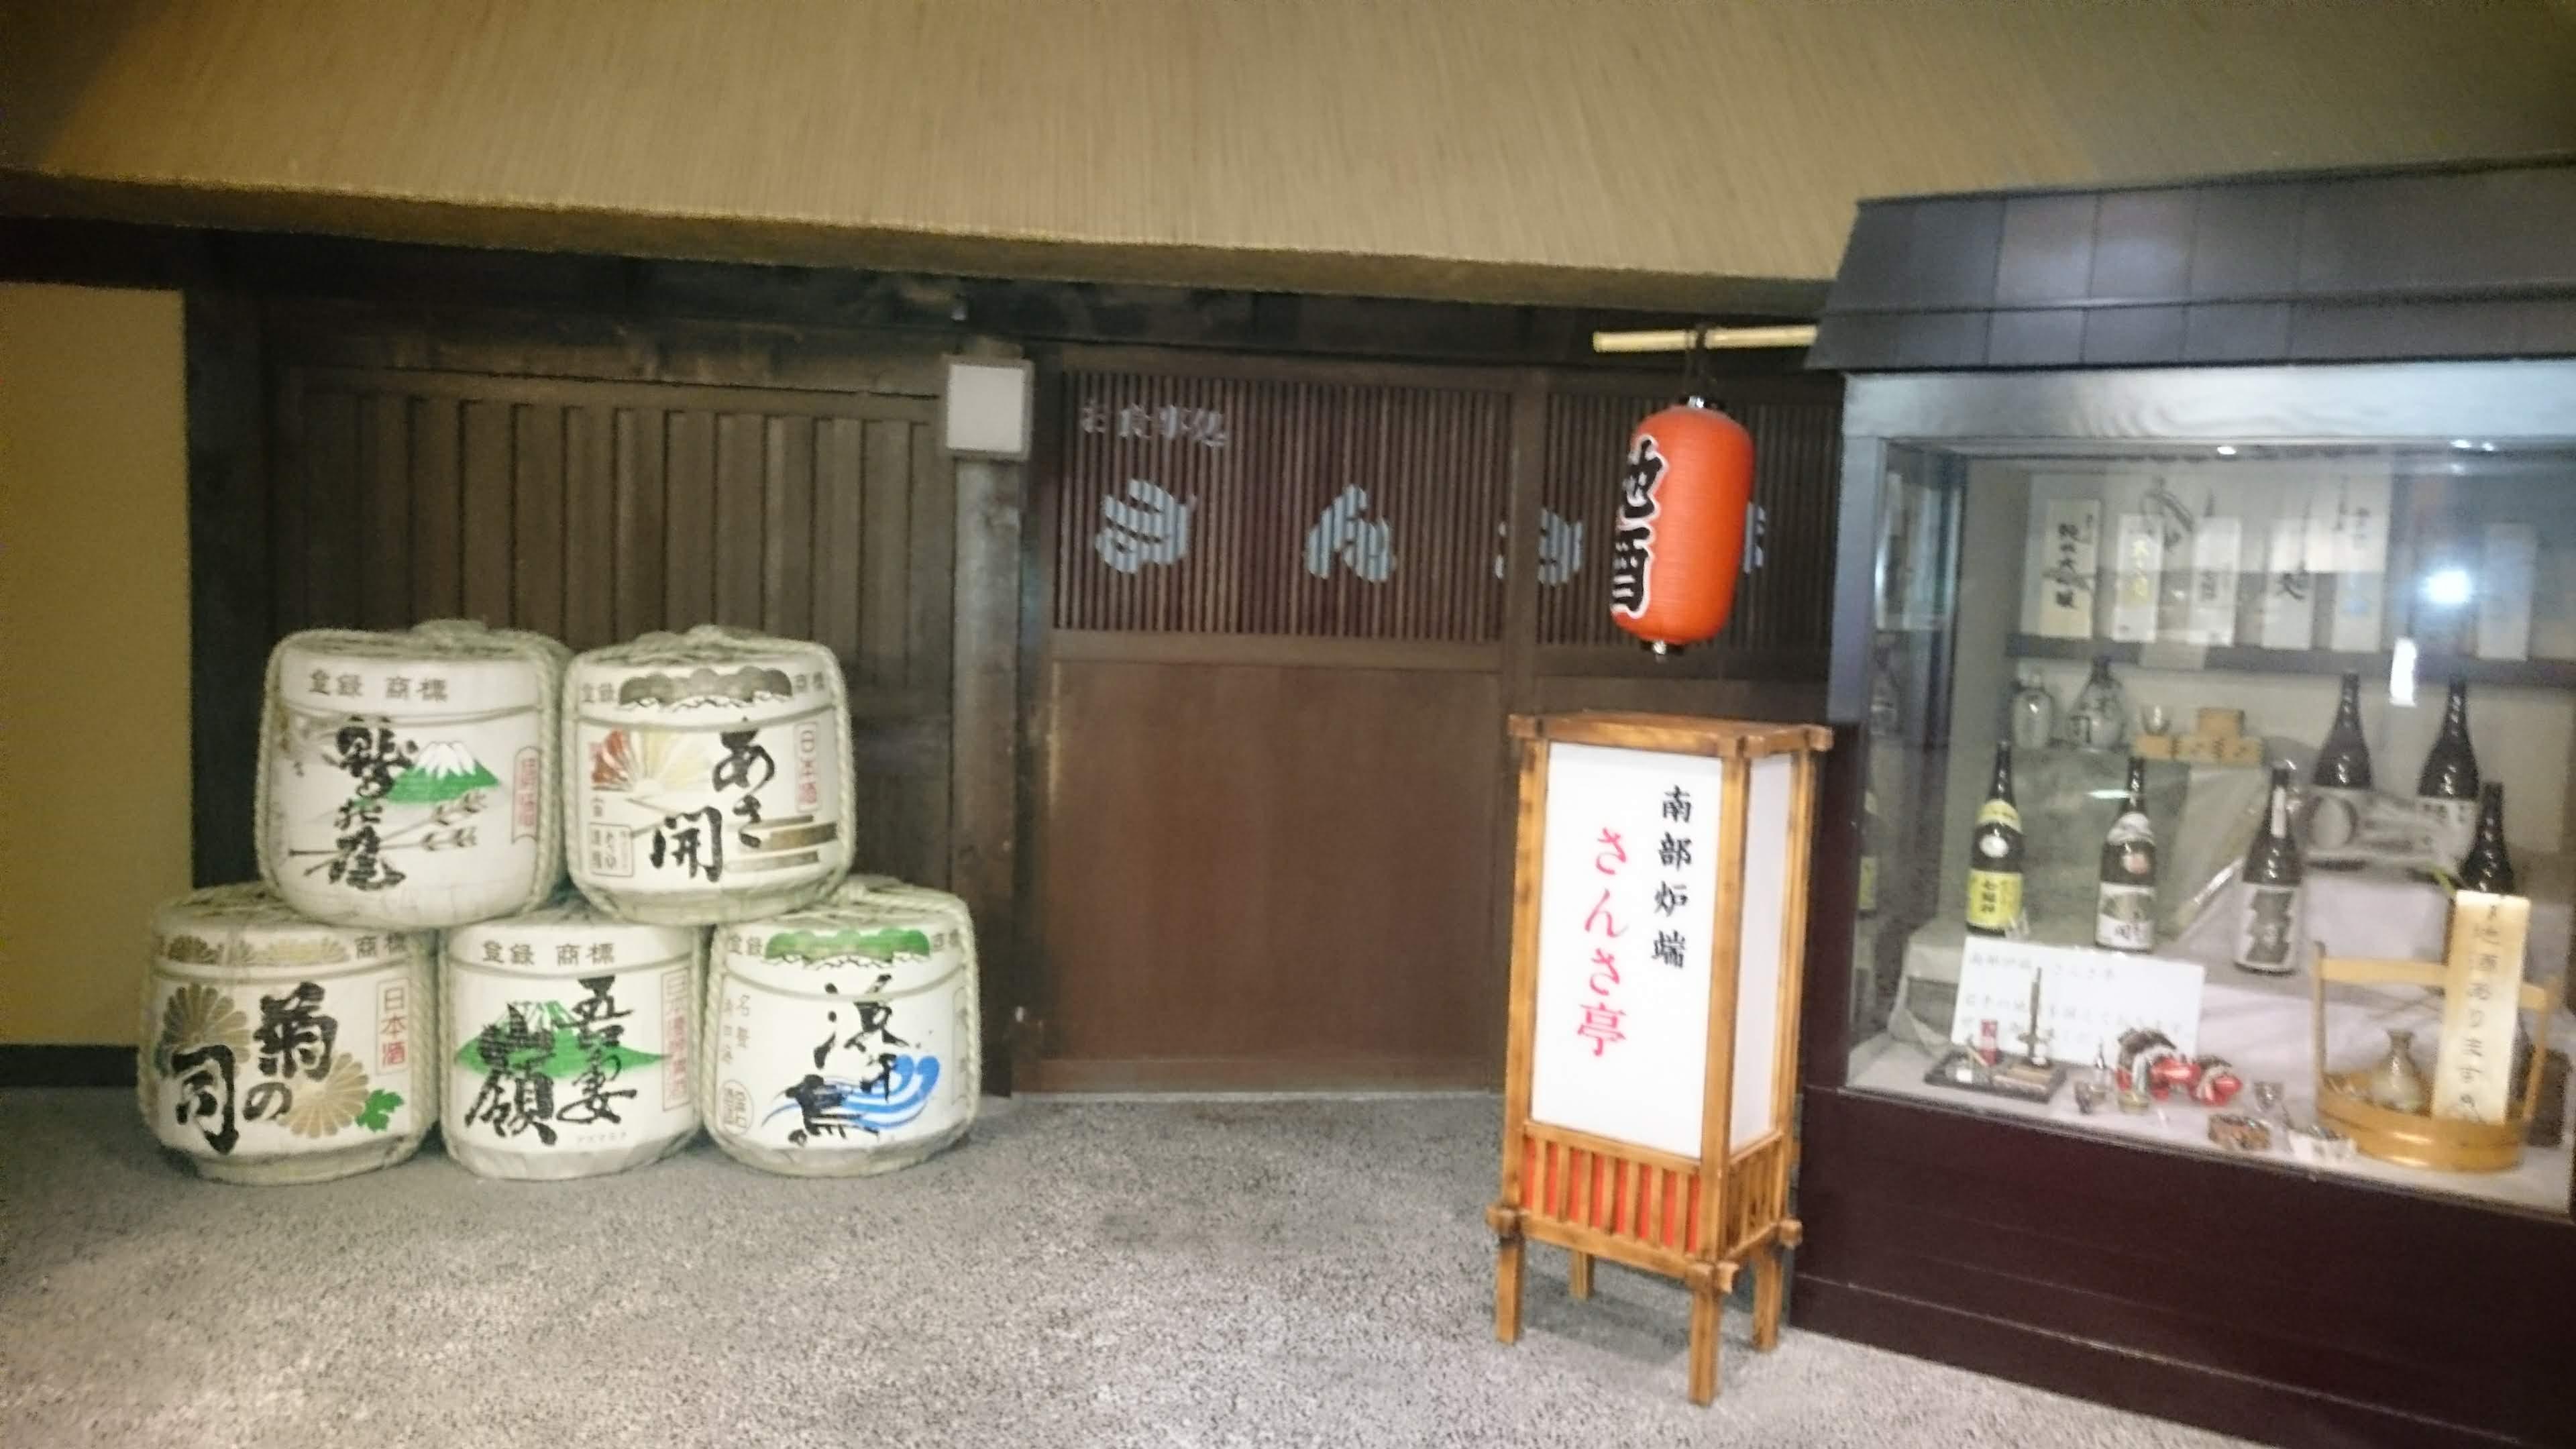 さんさ亭(岩手温泉内にある居酒屋なので出会いあり) (1)